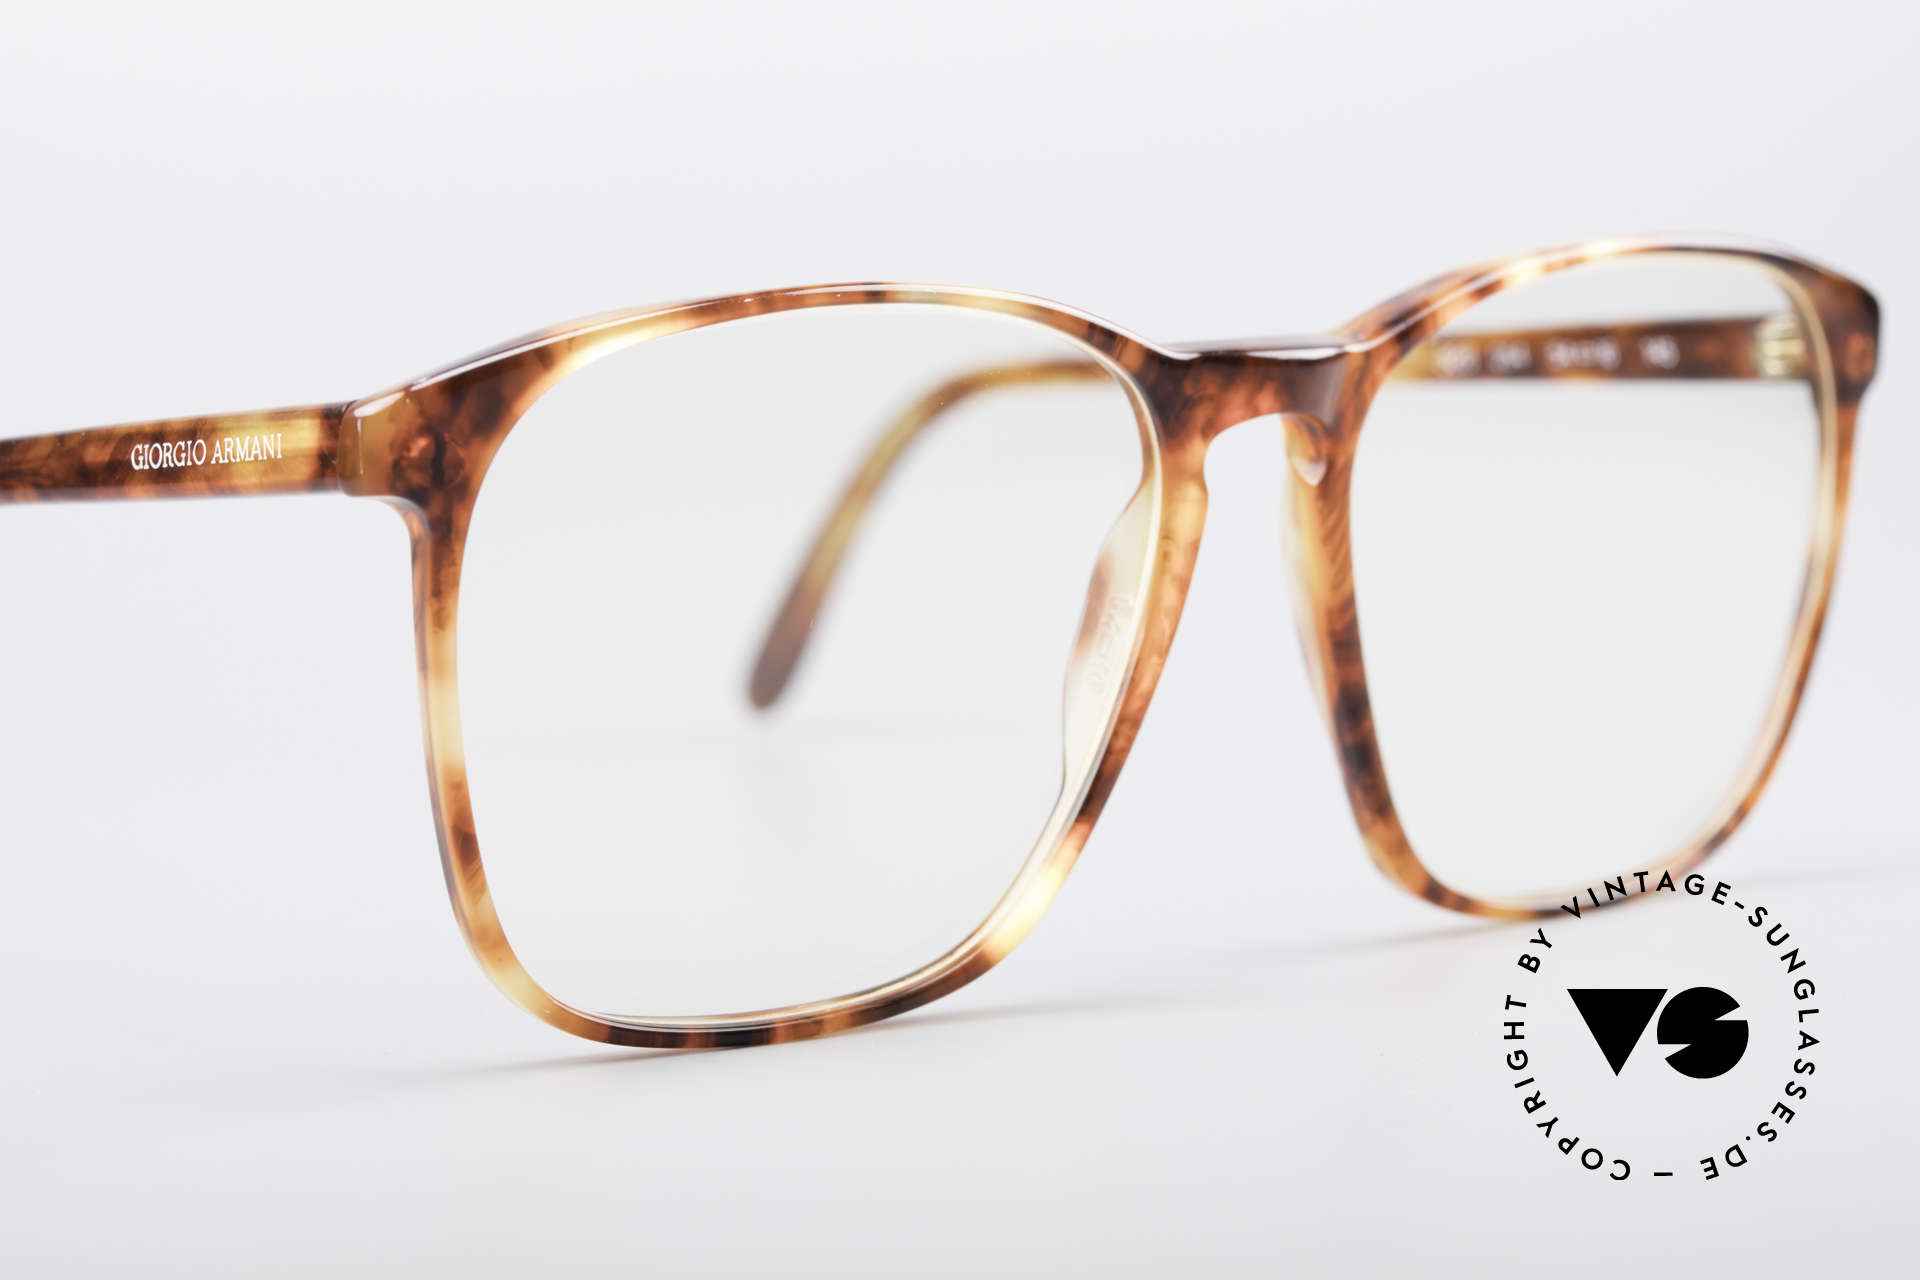 Giorgio Armani 328 True Vintage Designer Glasses, unworn (like all our vintage Giorgio Armani specs), Made for Men